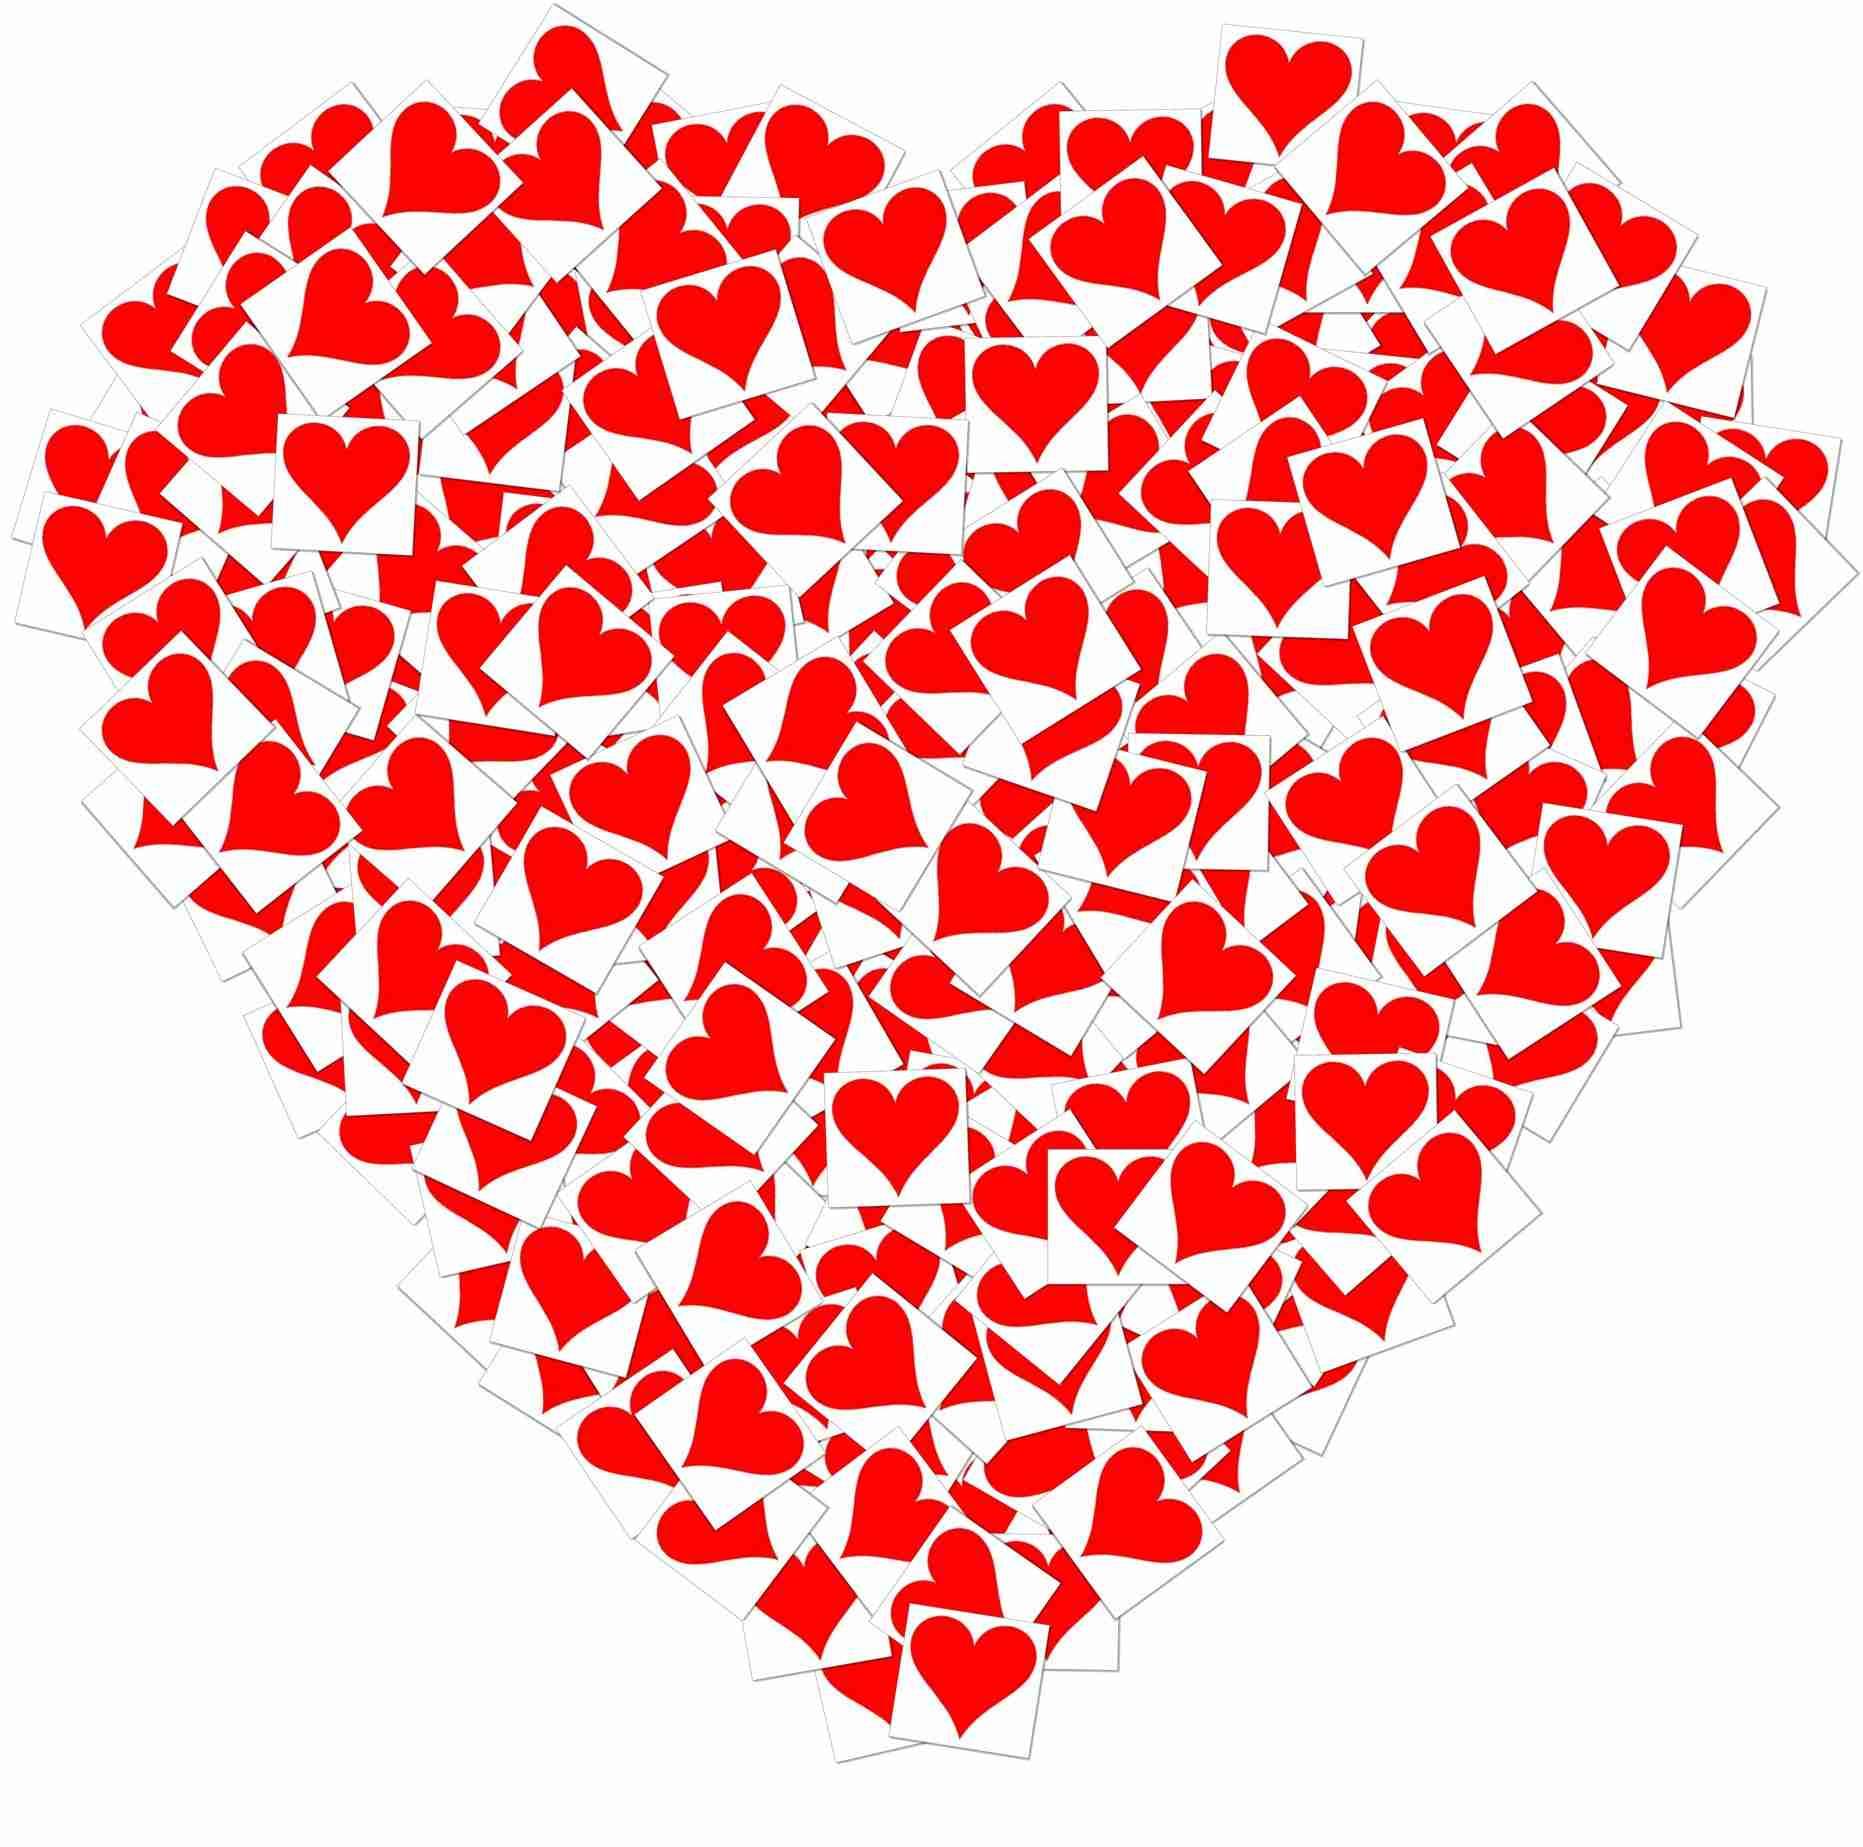 Картинка из маленьких сердечек